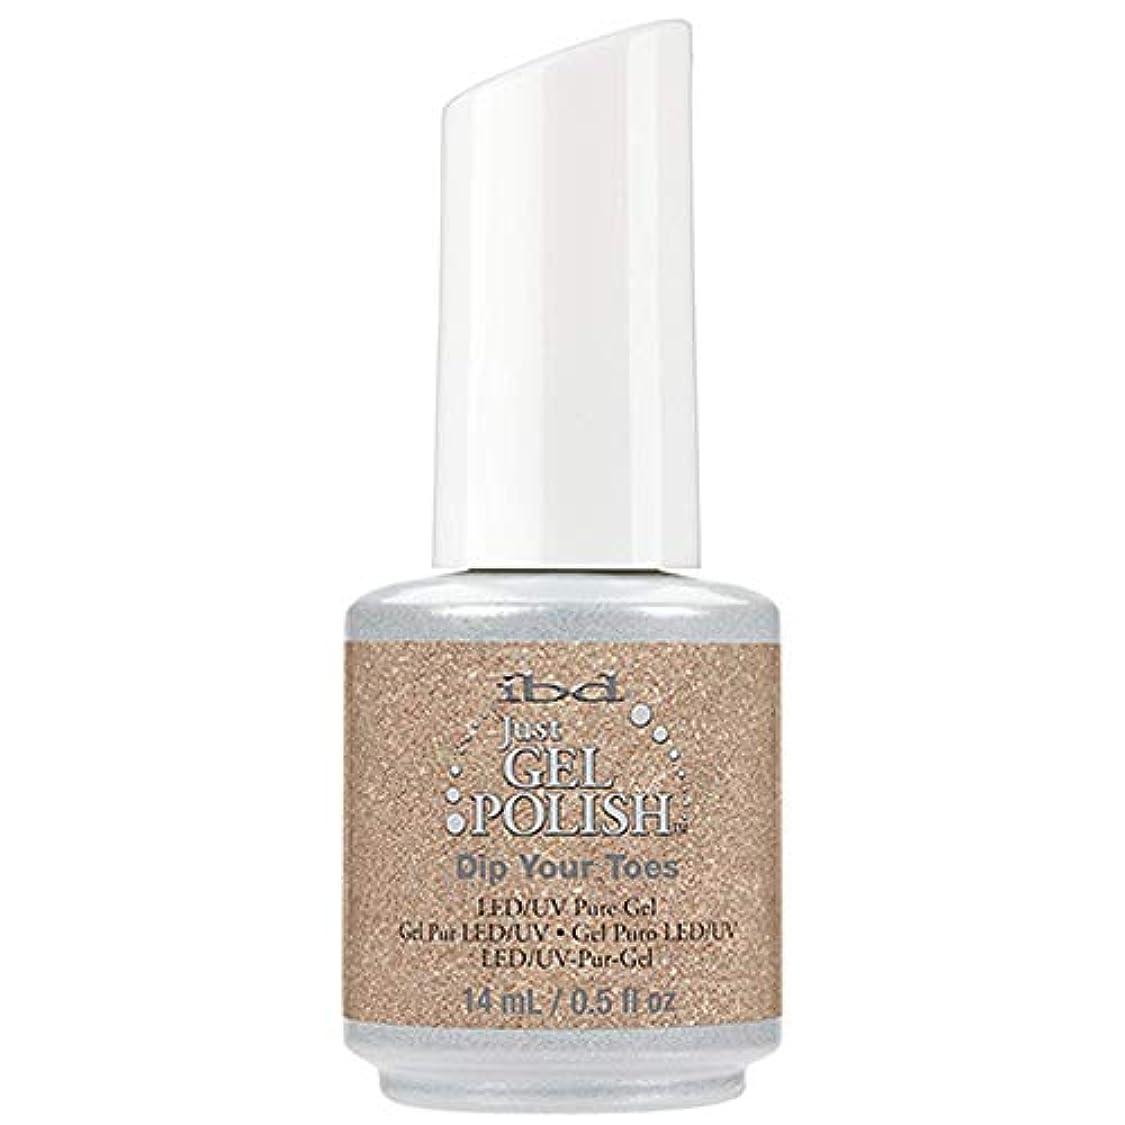 リングレット午後ロンドンibd Just Gel Nail Polish - Dip Your Toes - 14ml / 0.5oz